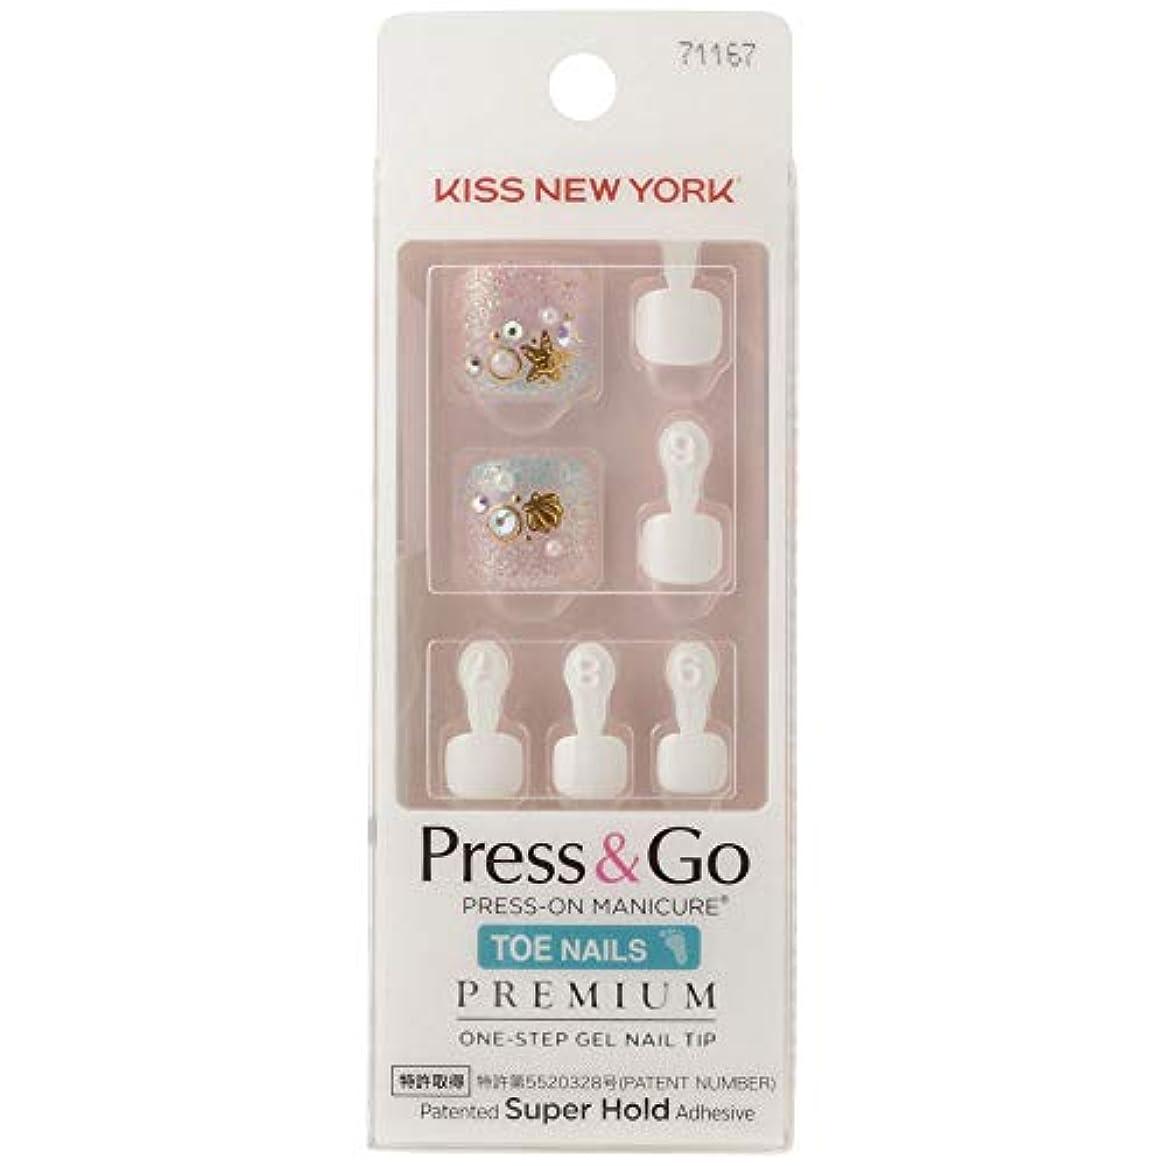 踏み台ロック解除カウンターパートKISS NEWYORK フットネイルチップPress&Go BHJT08J